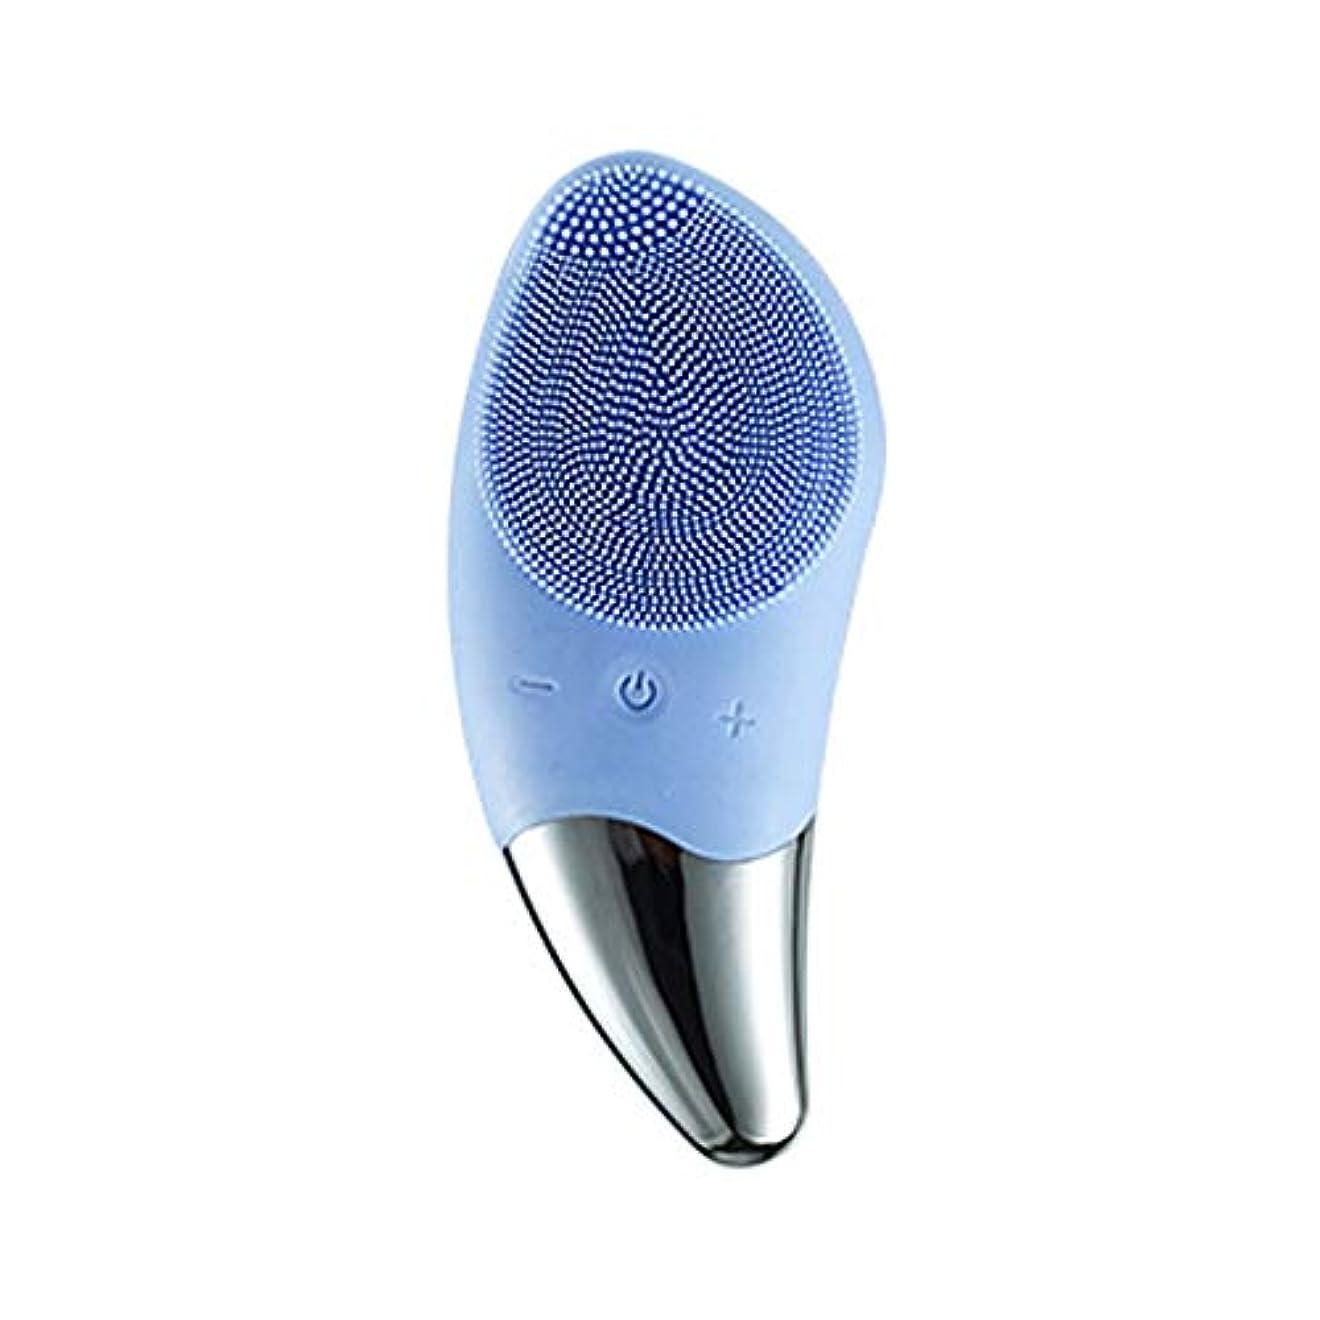 権限首性能LYX オールスキンタイプクリーナーエレクトリックシリコーンクリーナー洗顔ケアマッサージ美容インストゥルメント (Color : 青)